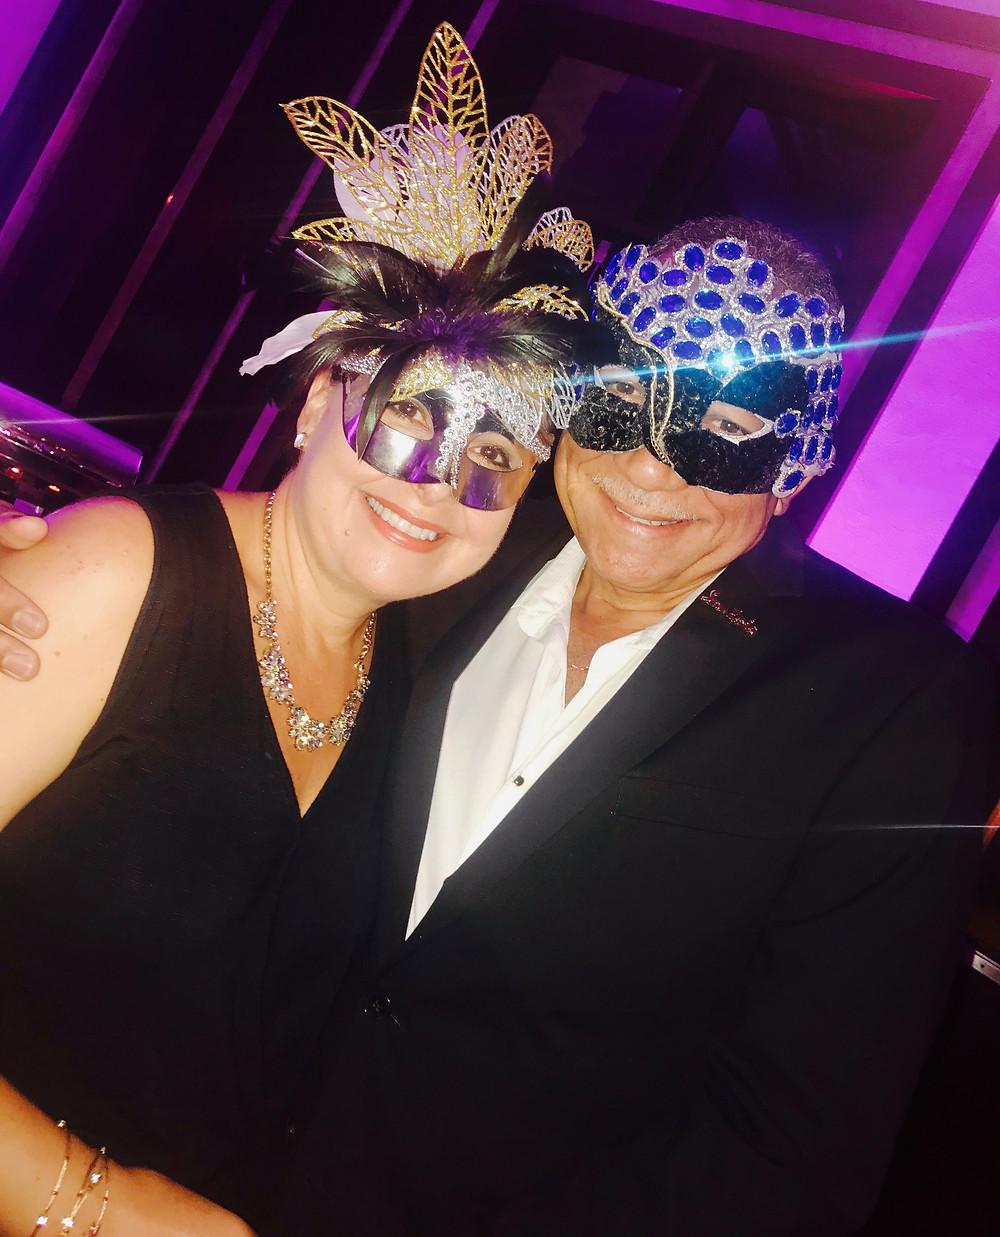 Masquerade party guests at Sandals Royal Barbados